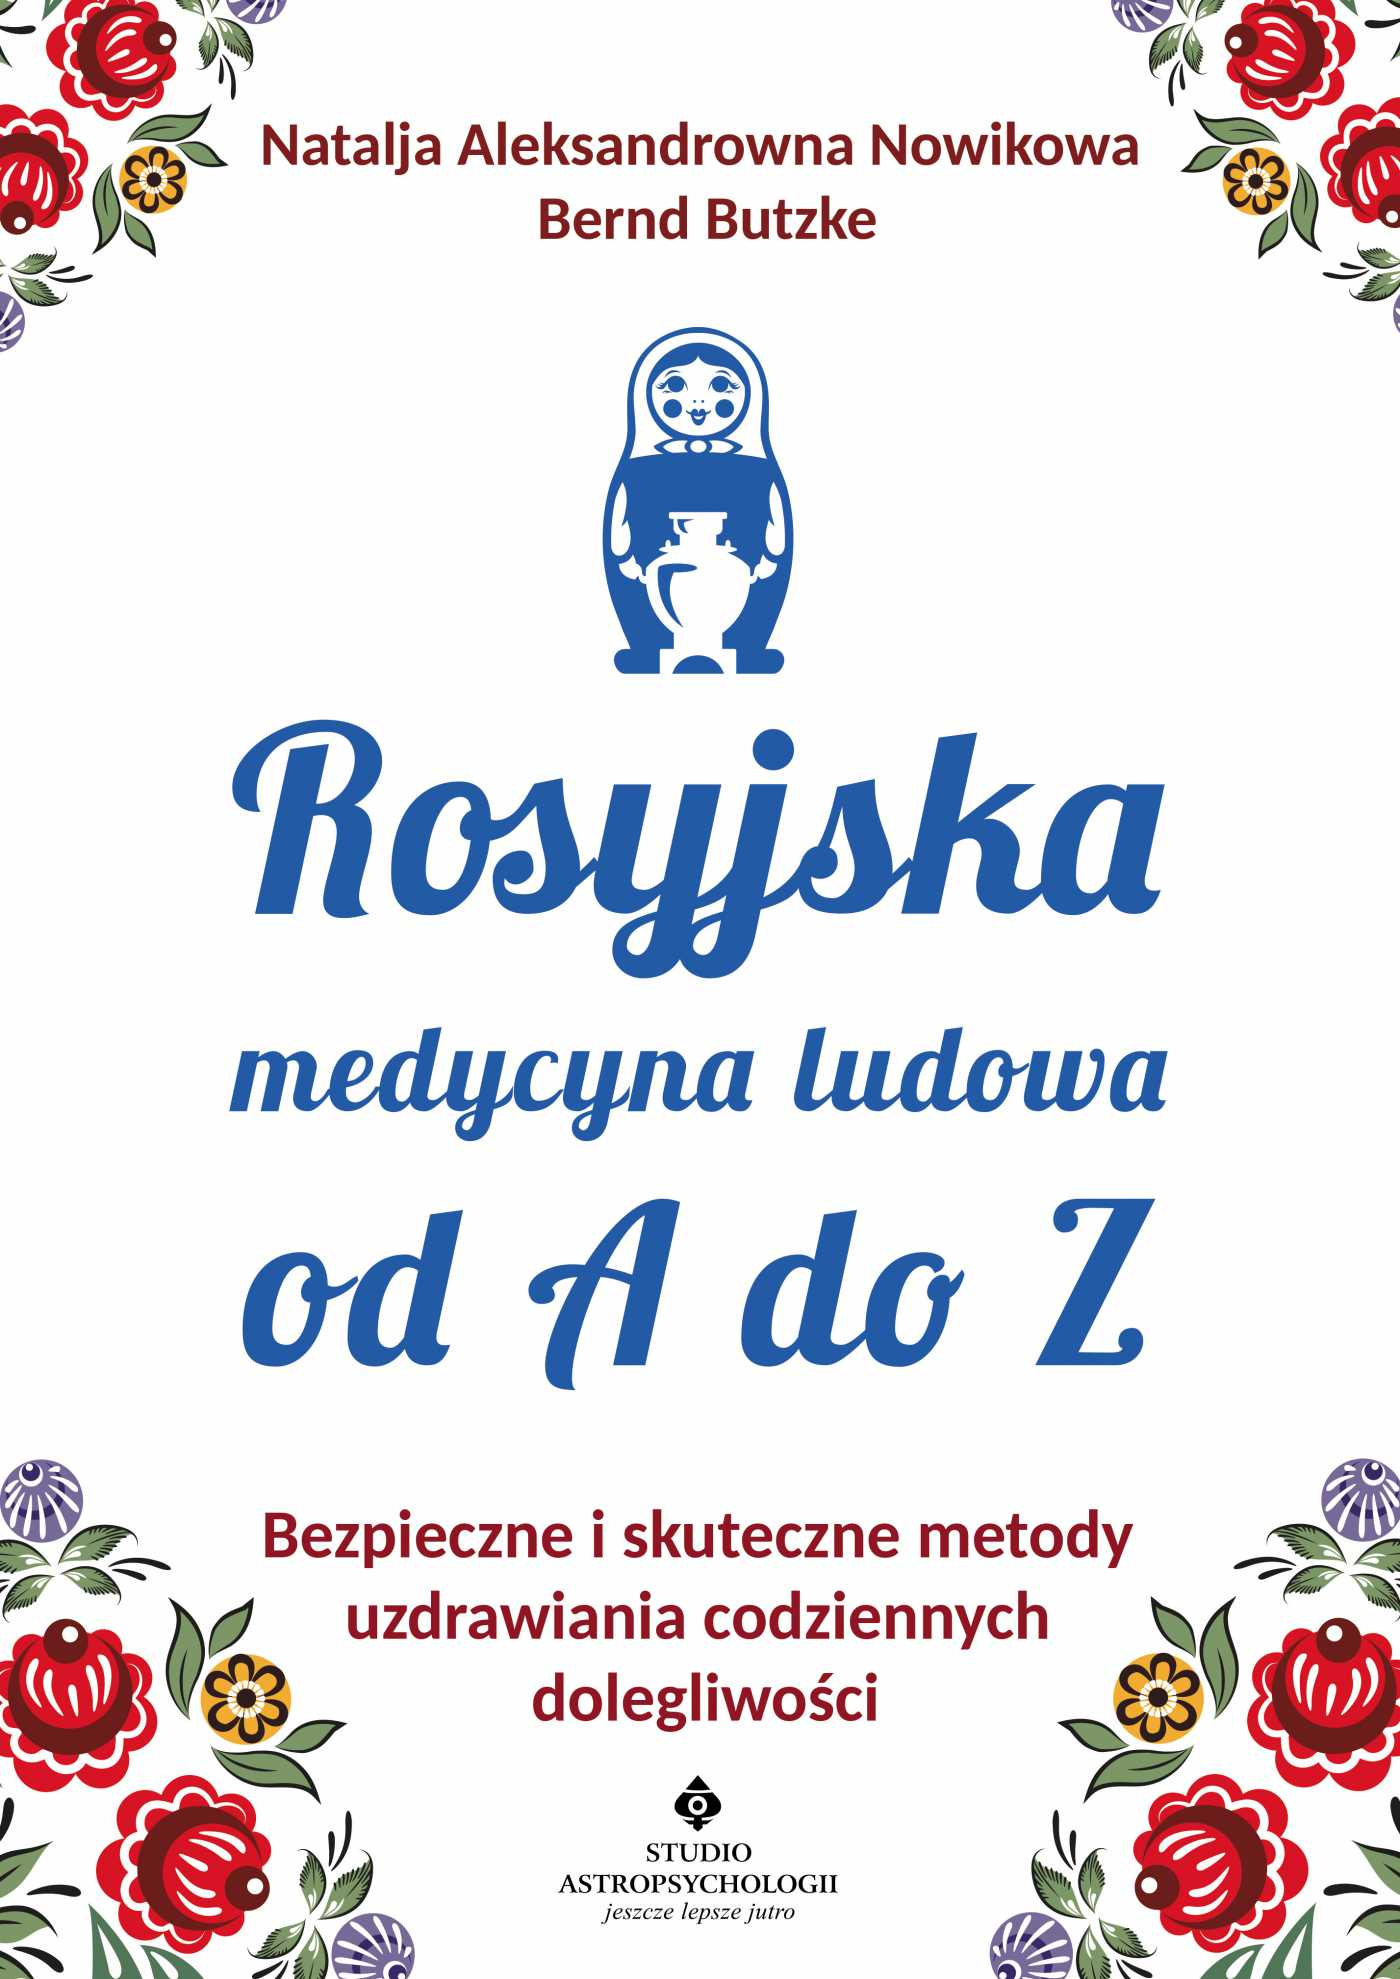 Rosyjska medycyna ludowa do A do Z. Bezpieczne i skuteczne metody uzdrawiania codziennych dolegliwości - Ebook (Książka na Kindle) do pobrania w formacie MOBI